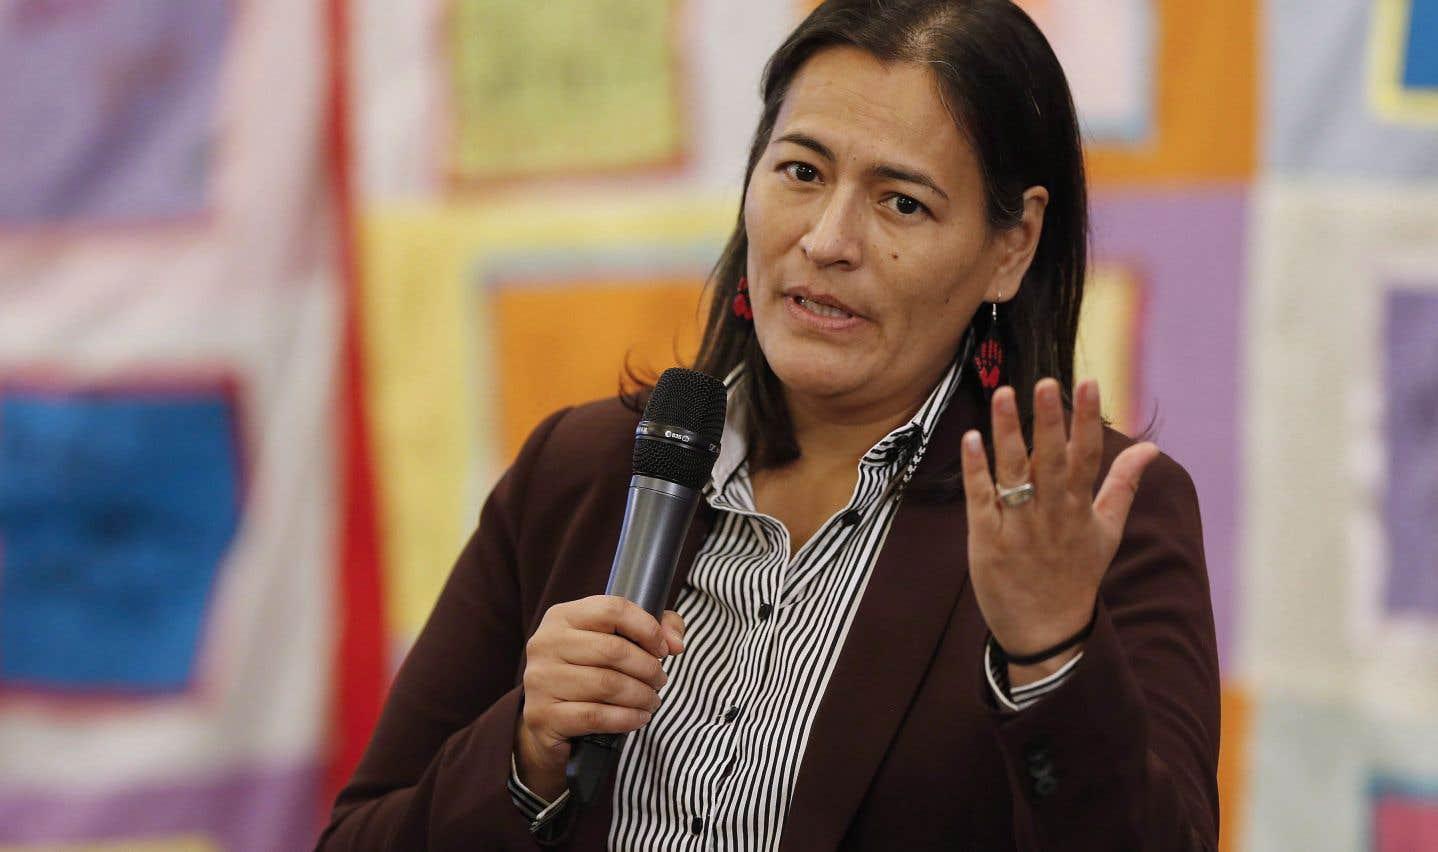 Femmes autochtones: qu'est-il arrivé à Laurianne?